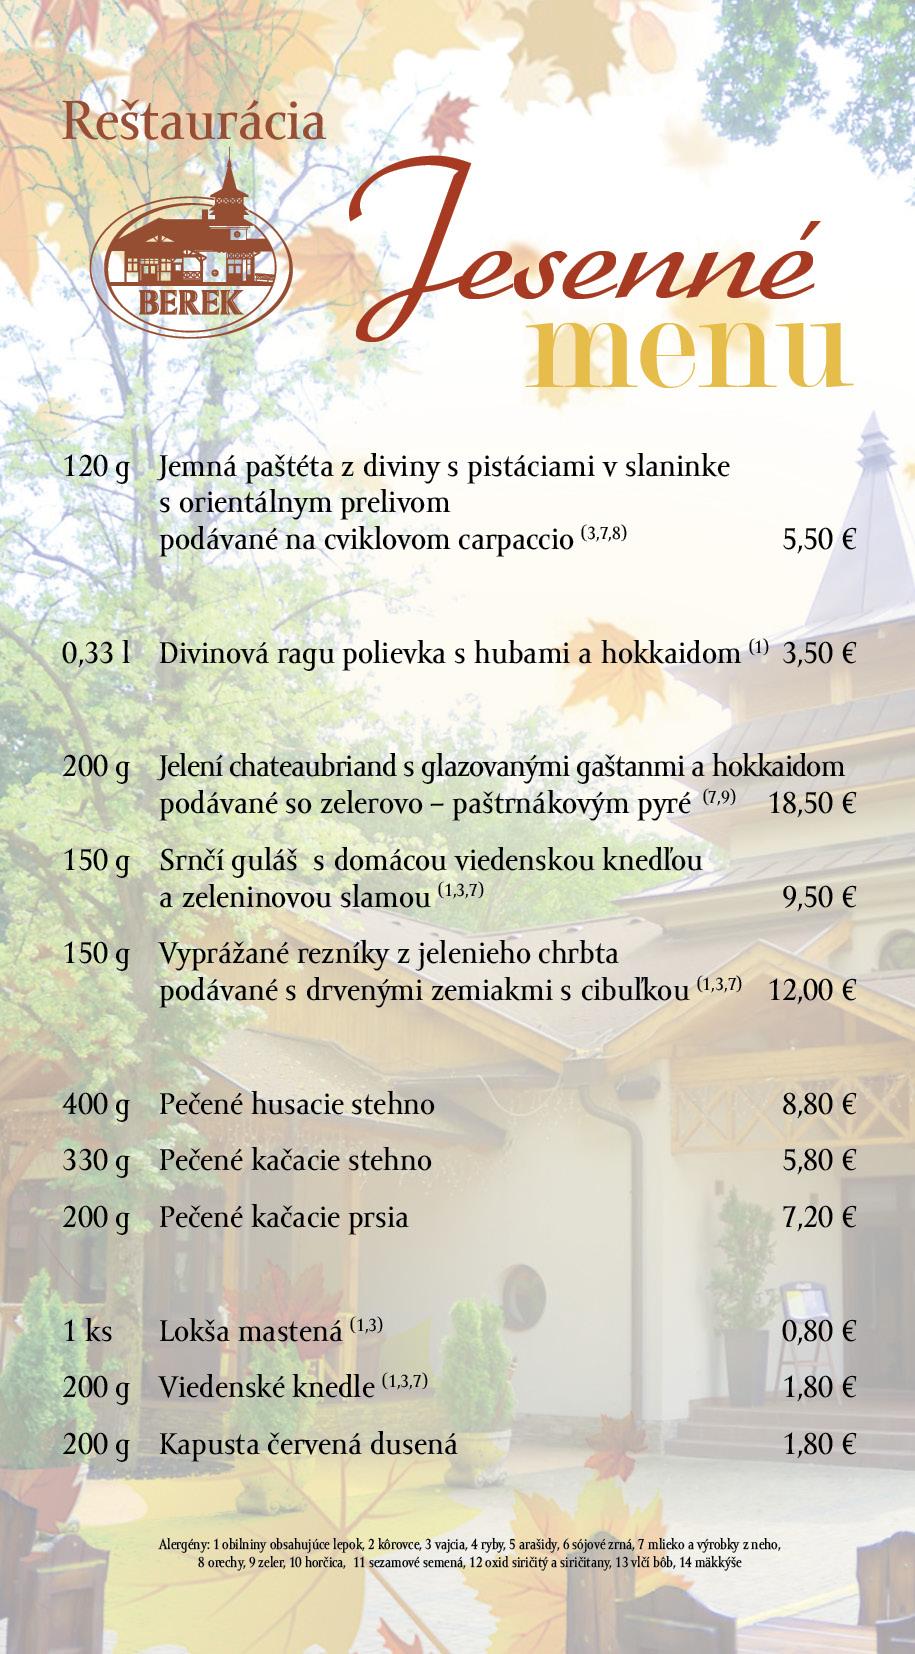 jesenne menu berek nove zamky